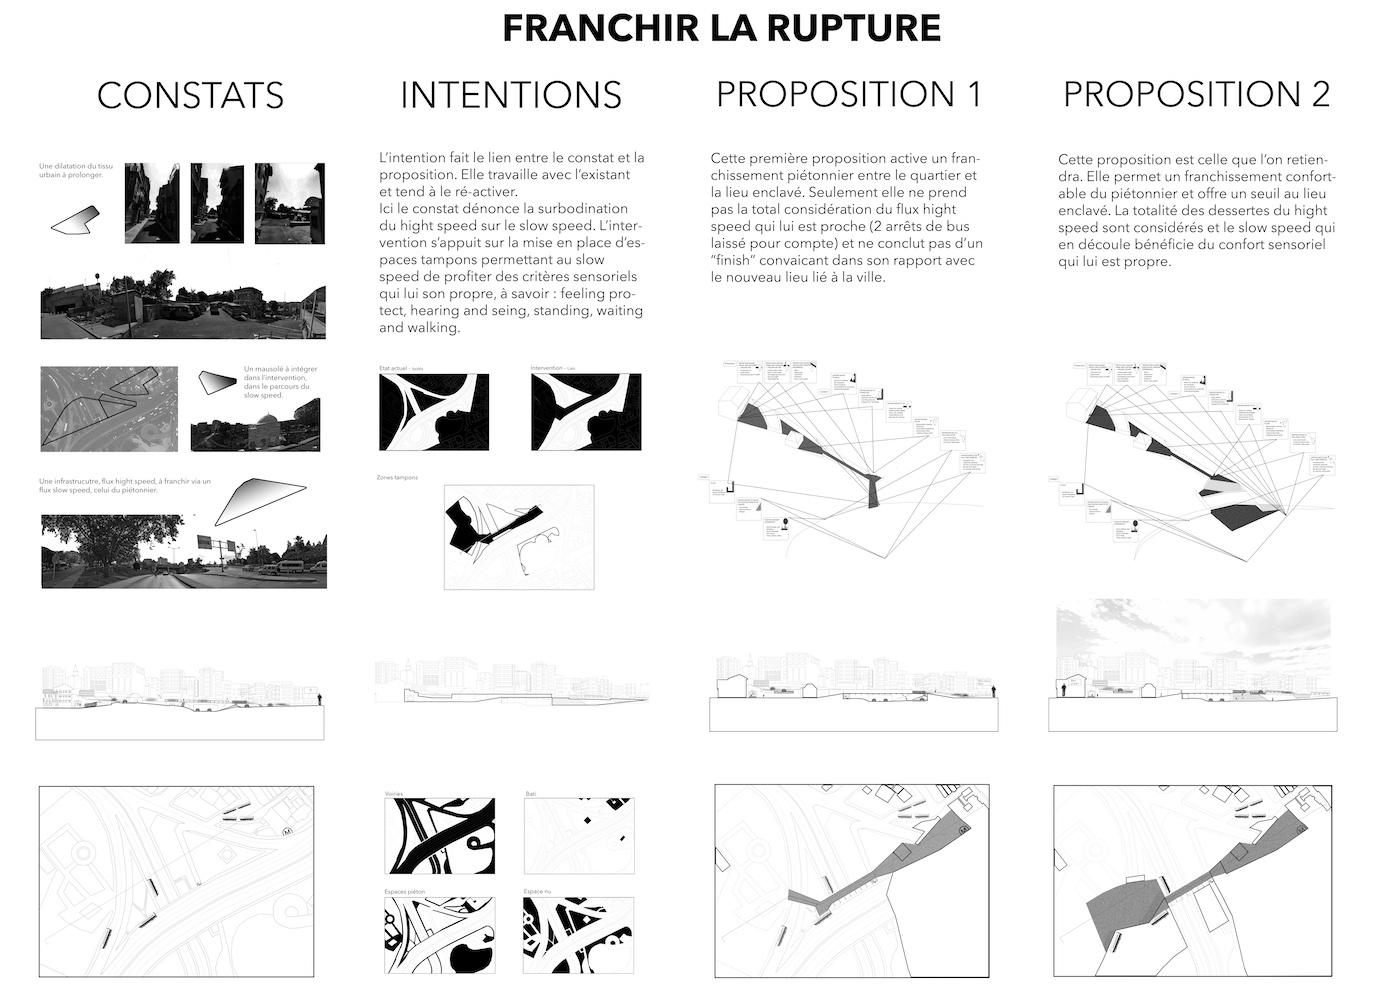 TRAVAIL FAURE-ZEHNLE-FRANCHIR LA RUPTURE